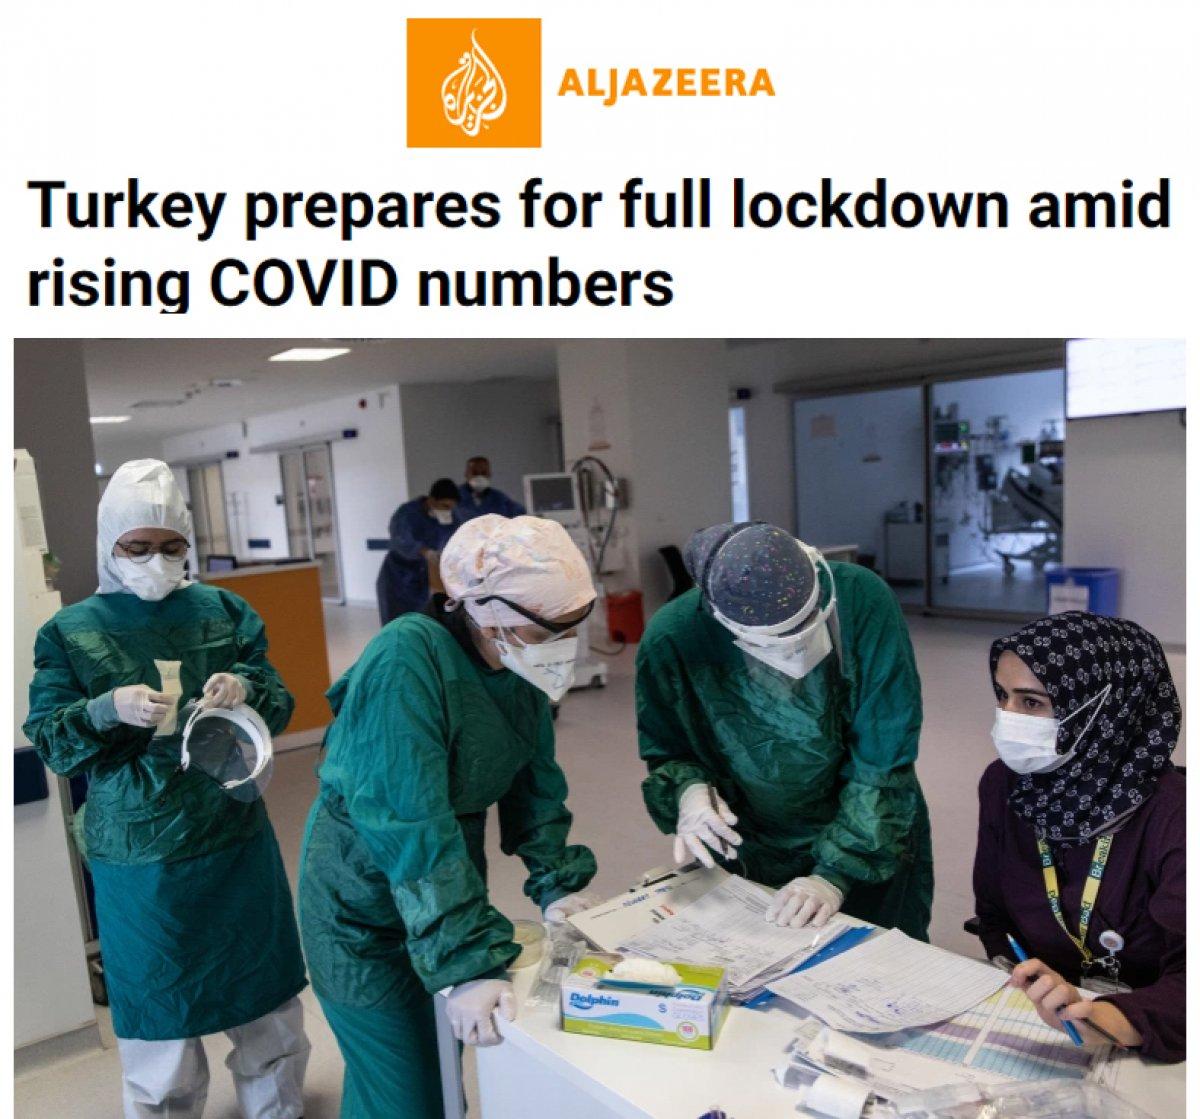 aljazeera_5678.jpg